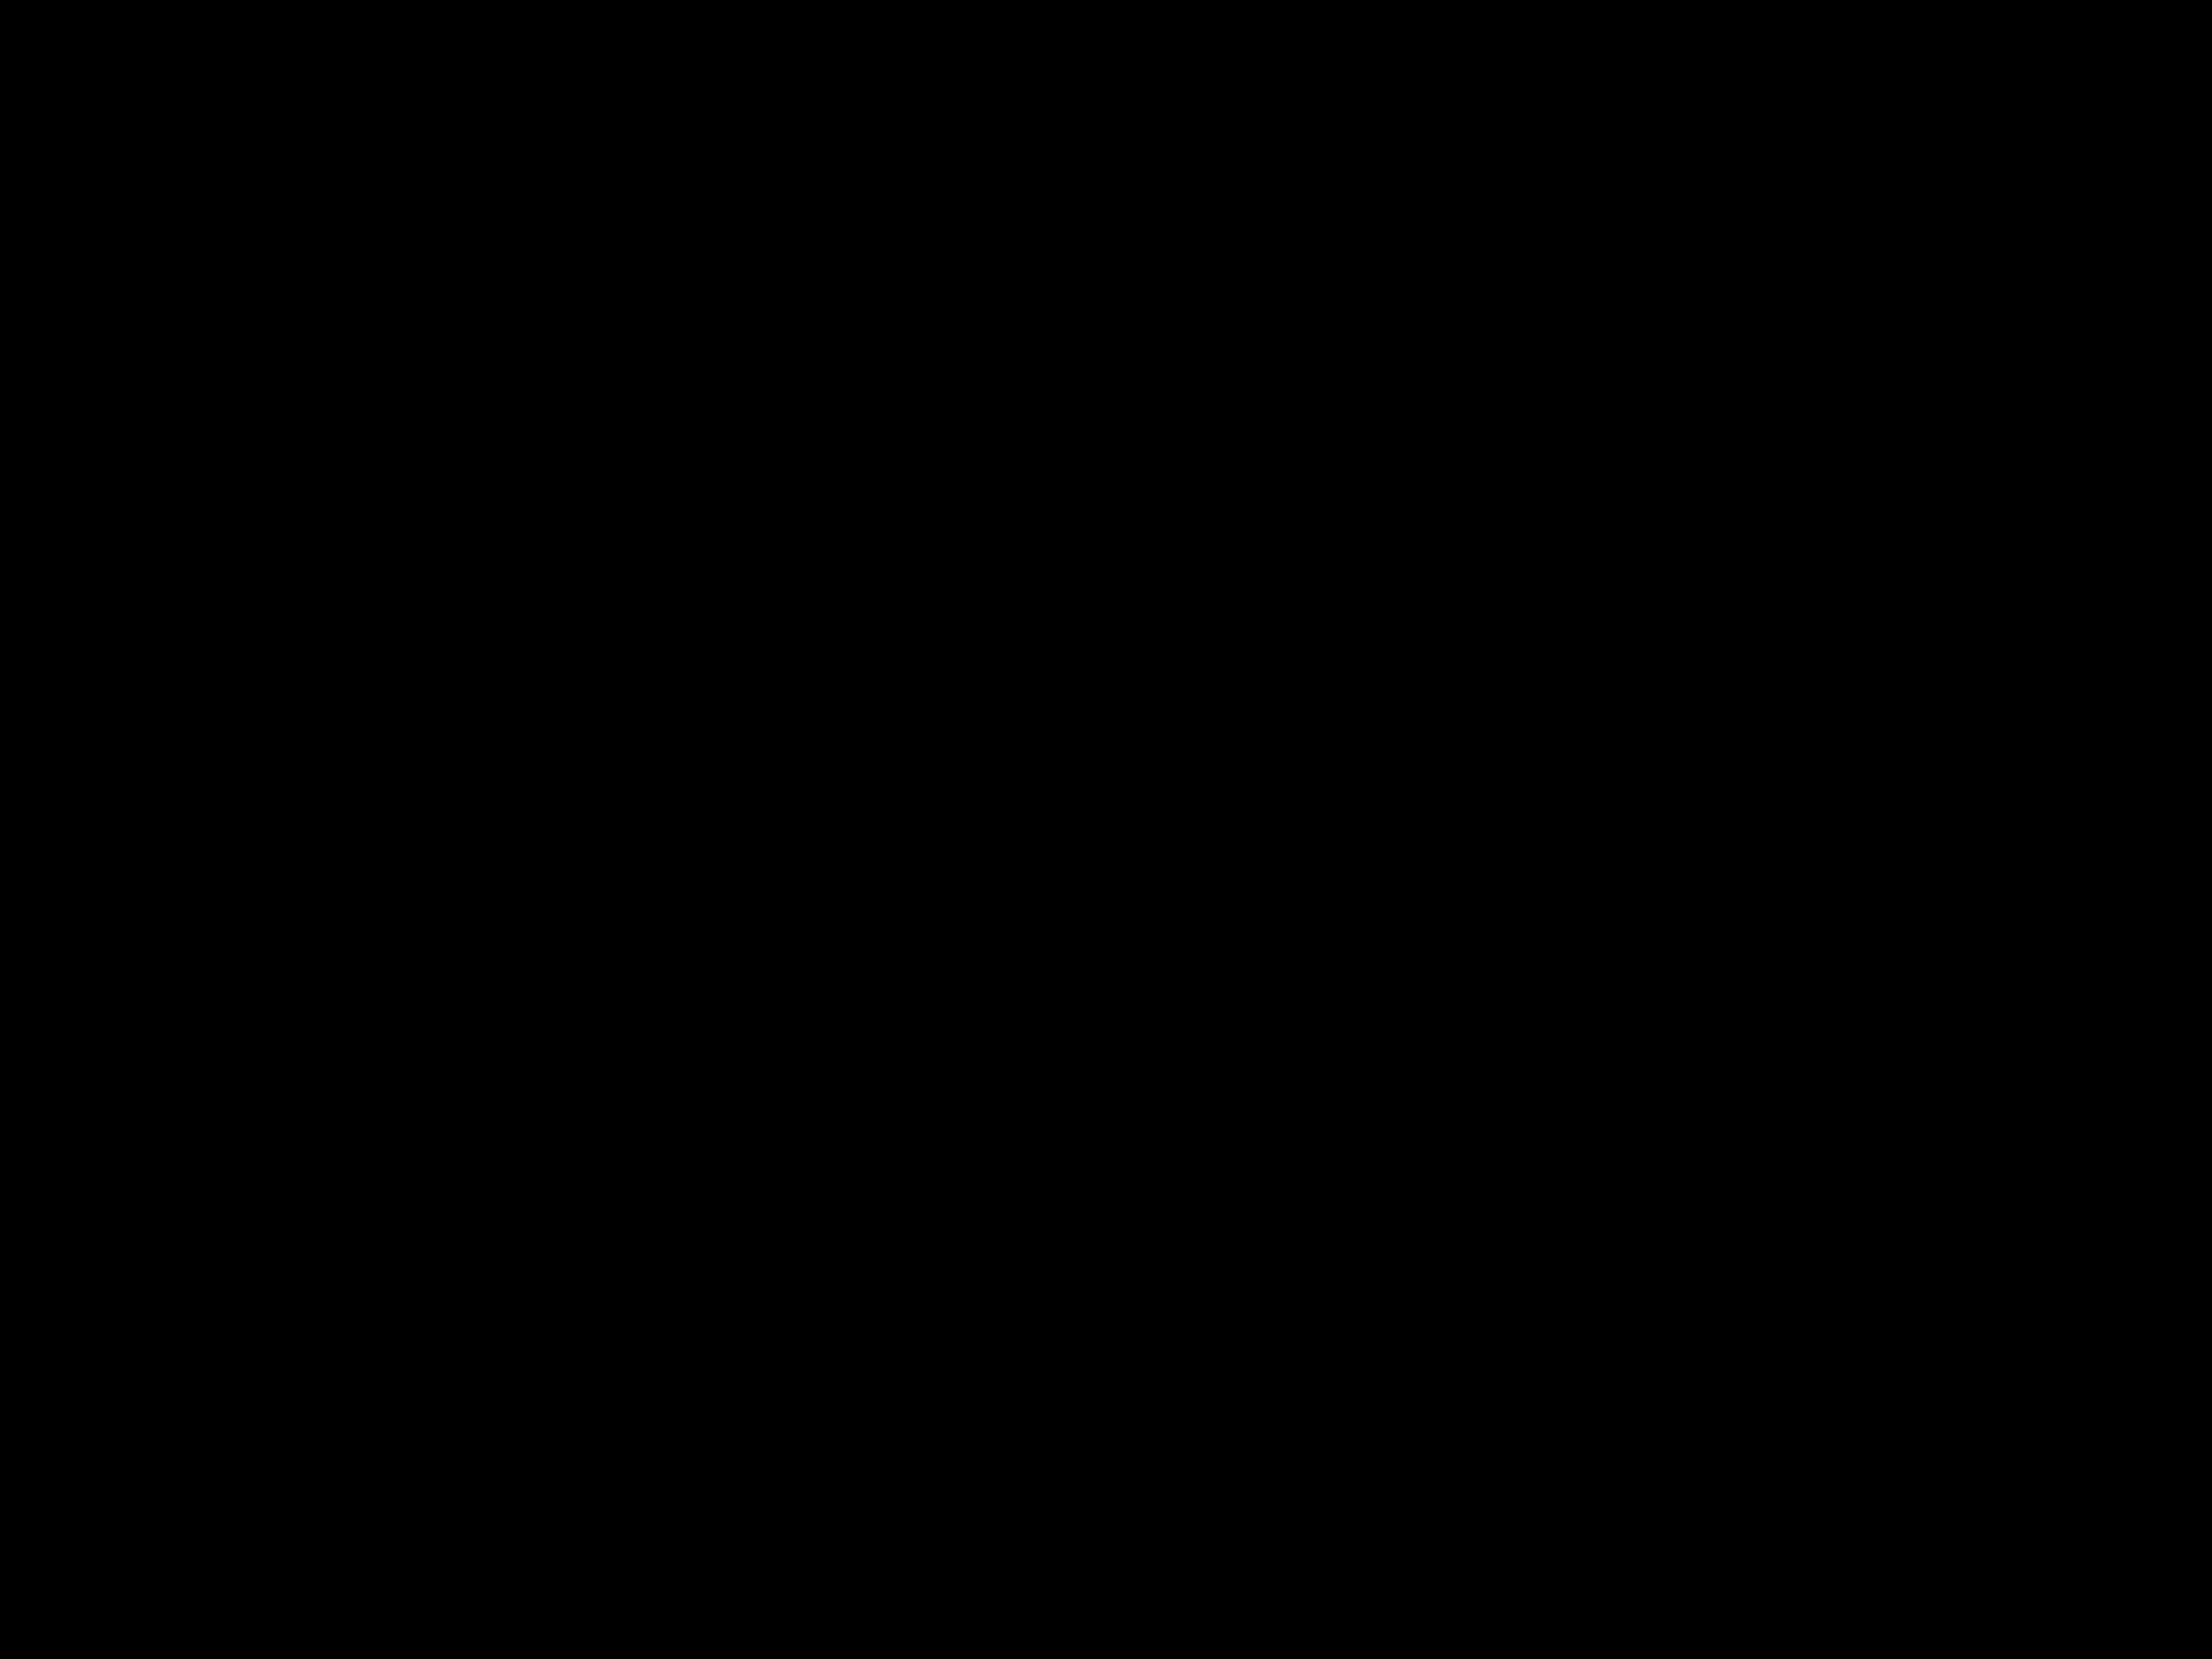 logo_designs-04.png